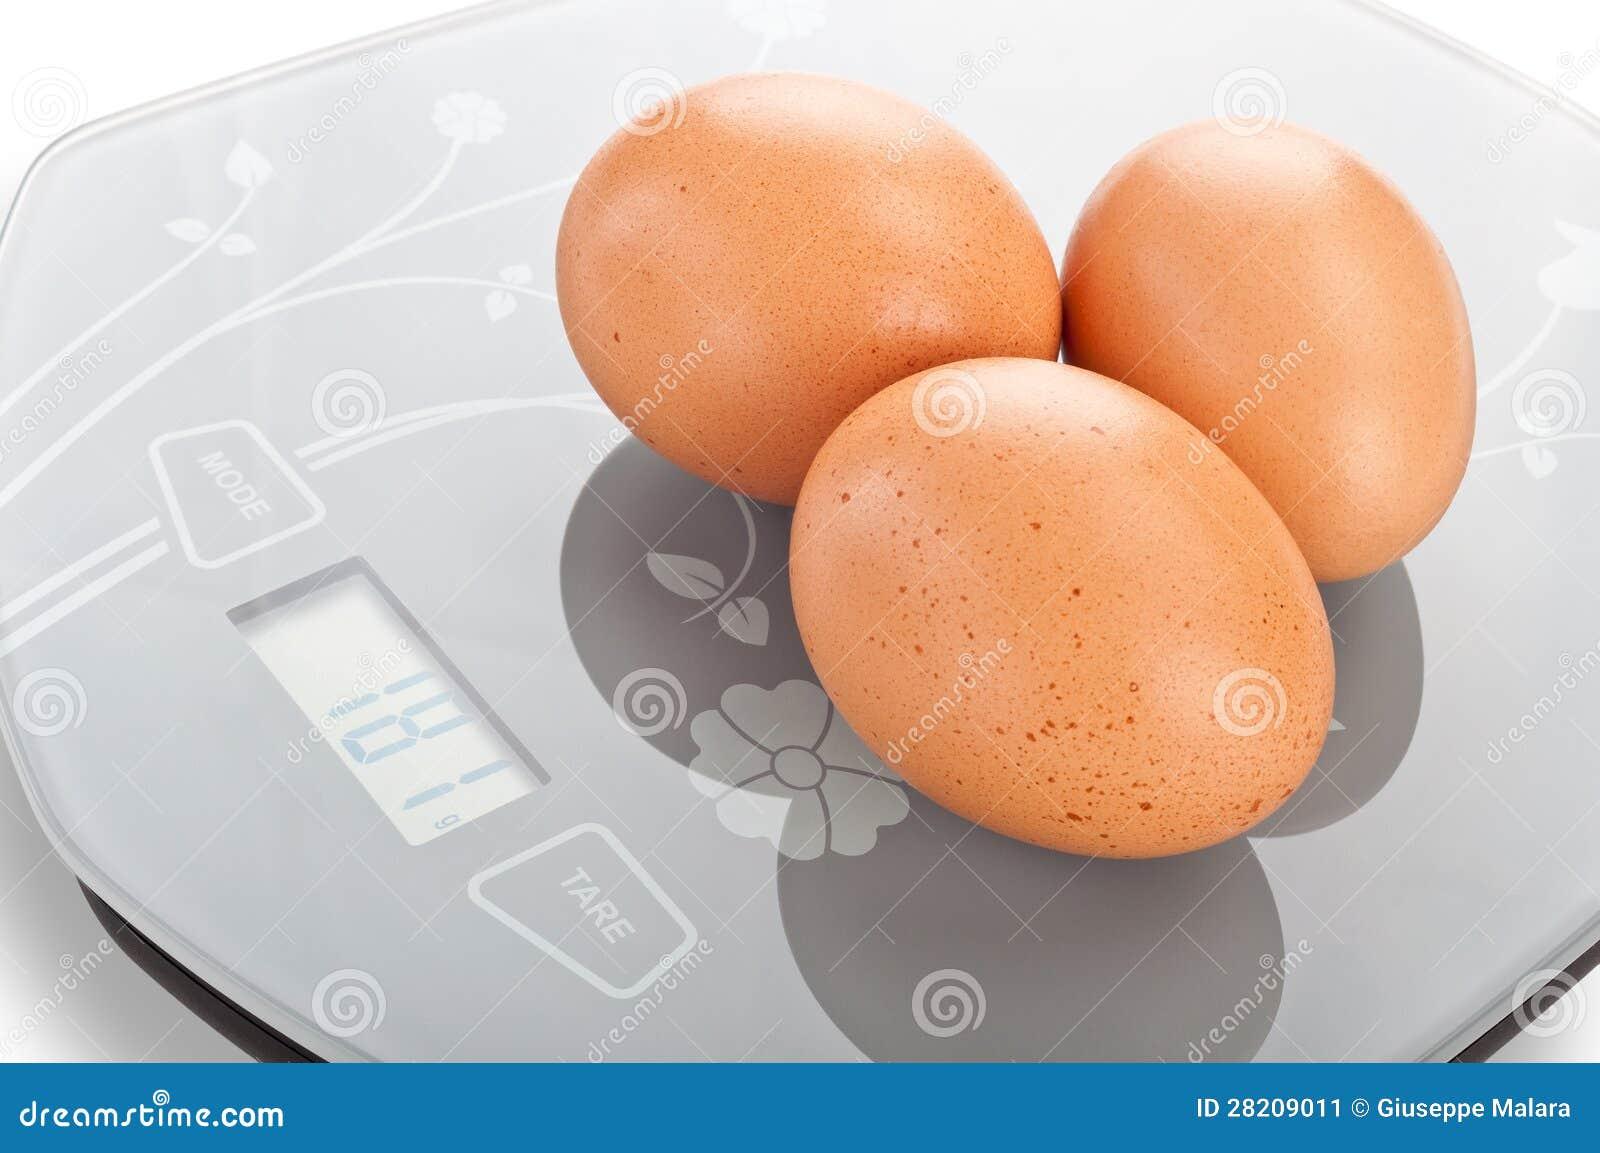 Αυγά στην κλίμακα.